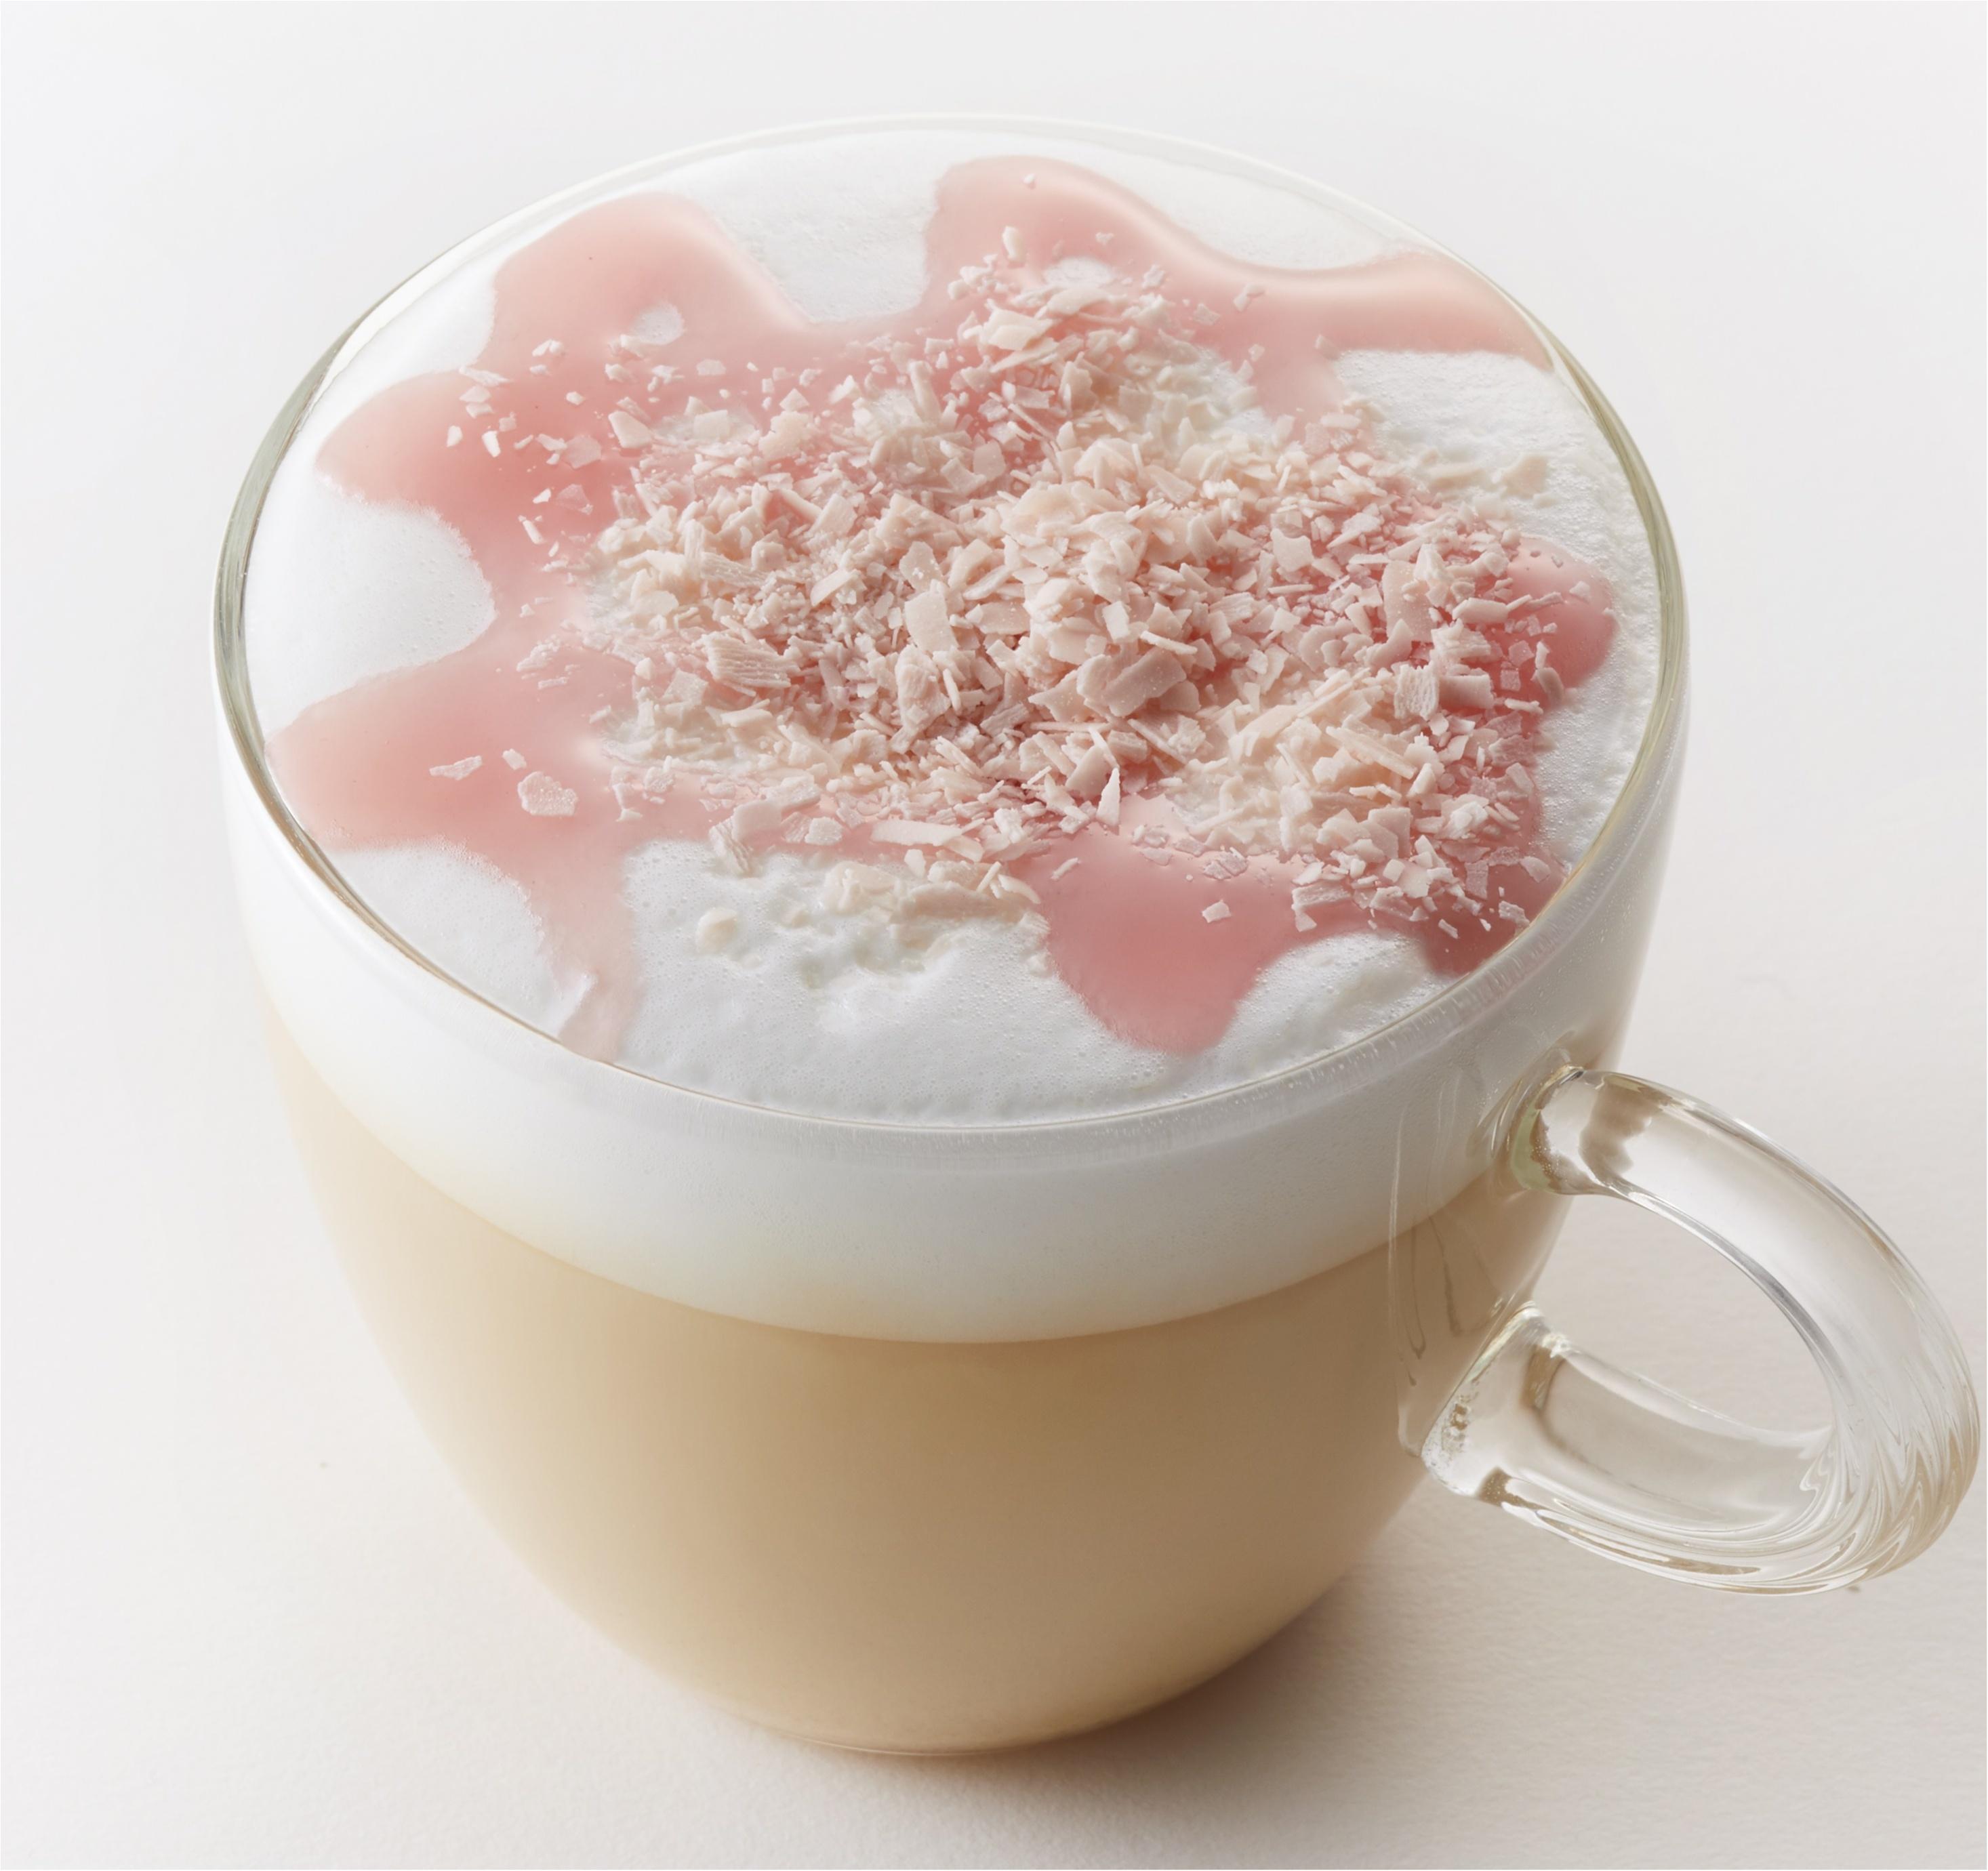 東京23区限定! 3/22から『タリーズコーヒー』が「お江戸さくら祭」を開催♡_2